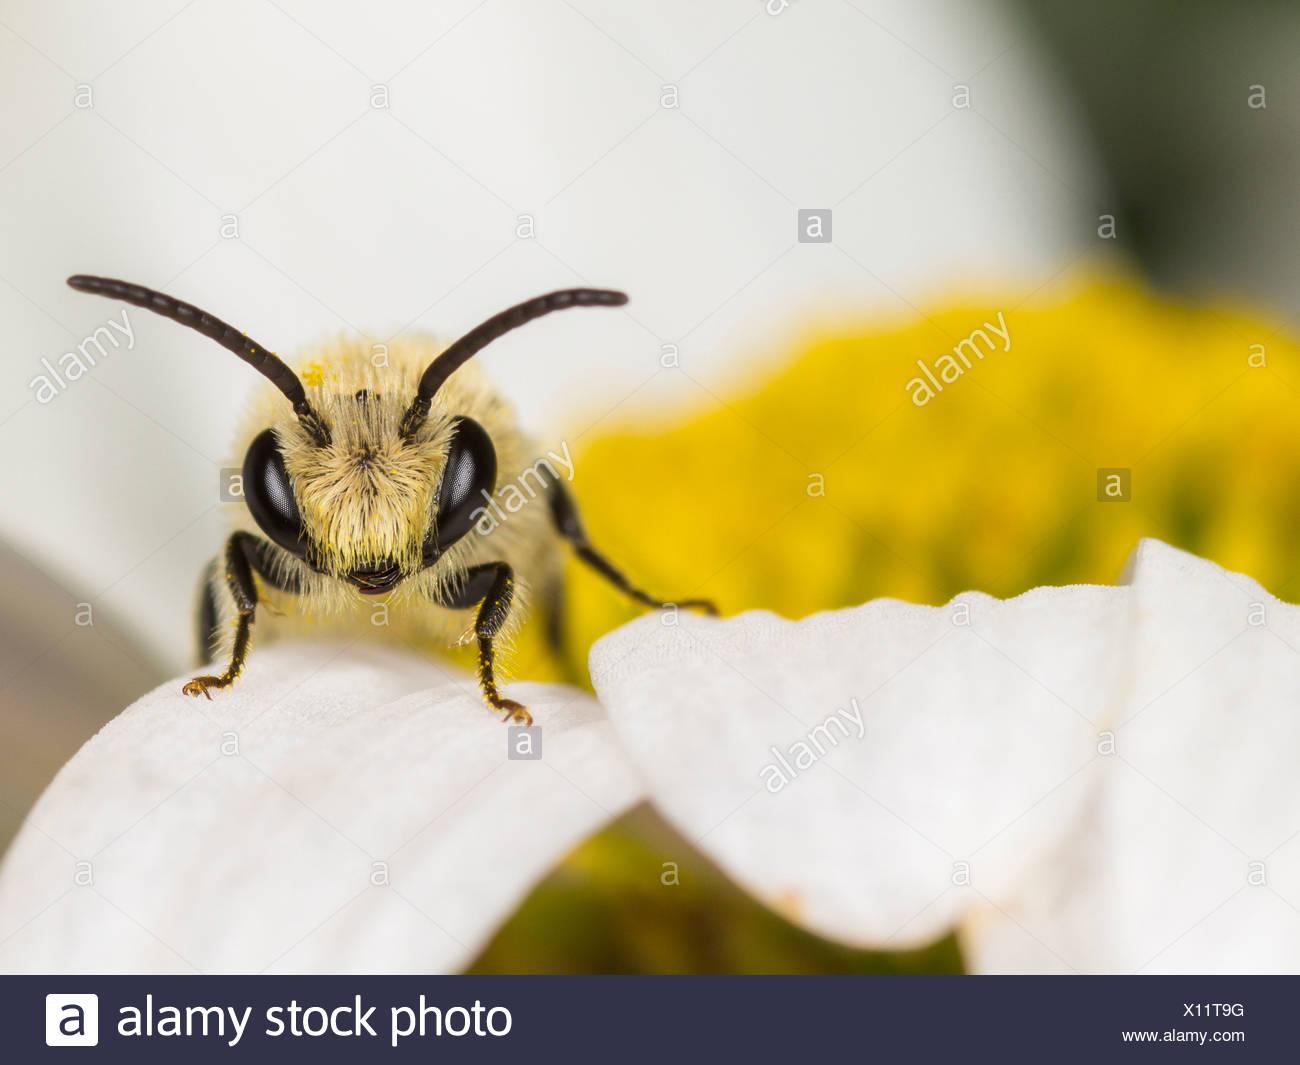 Gipser (Colletes Similis) auf Oxeye Daisy (Leucanthemum Vulgare), männliche Biene Stockbild